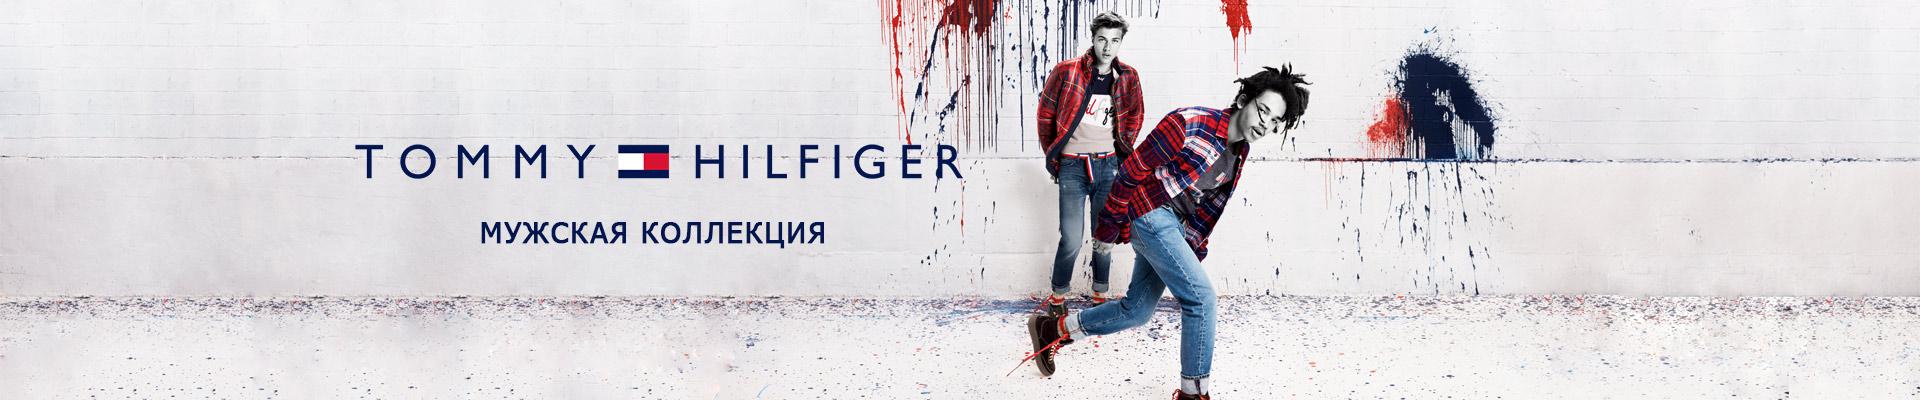 Tommy Hilfiger. Мужская коллекция